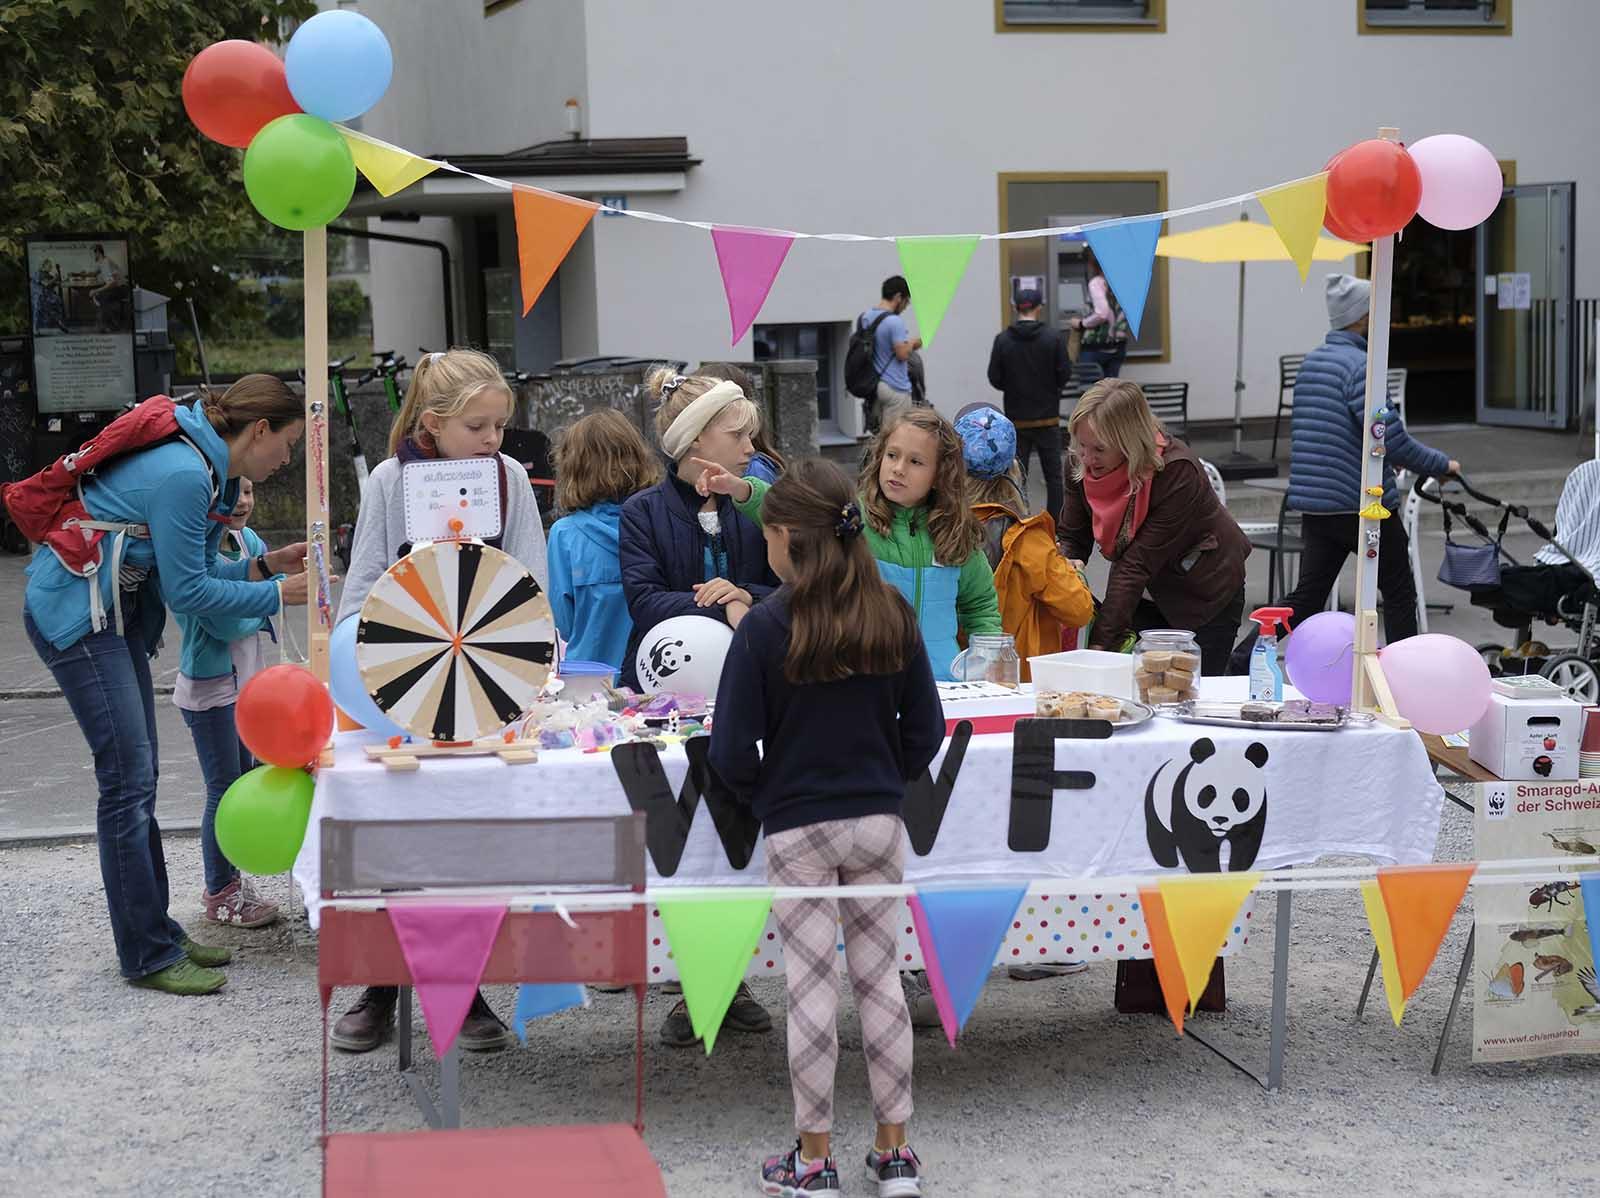 Spenden sammeln für Tier und Umwelt: Initiantin Lara (9 Jahre) mit ihren Freundinnen Emily, Maëlle, Greta, Lina, Clara und Paula mit ihrem Stand auf dem Frischwarenmarkt in Wipkingen.